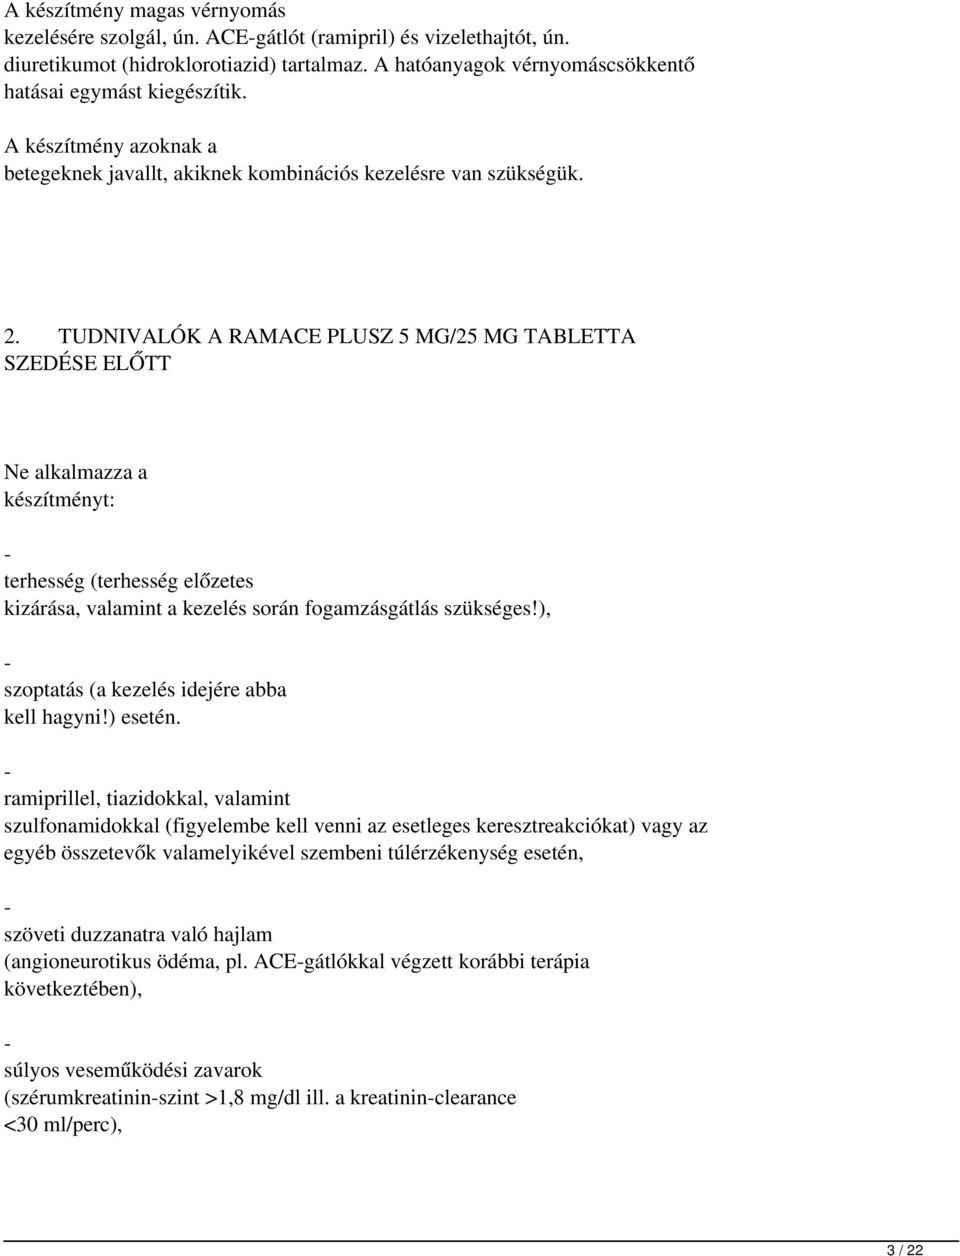 hidroklorotiazid magas vérnyomás esetén)